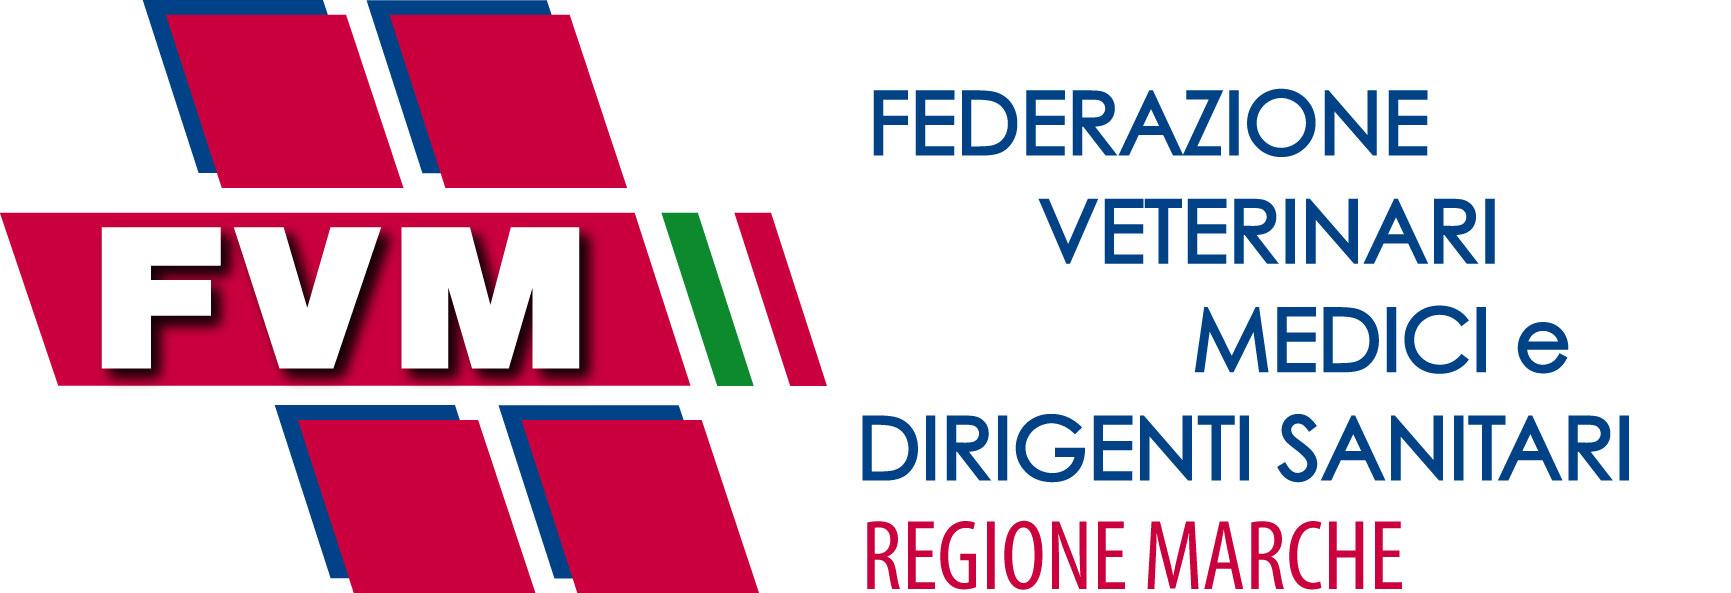 FVM Marche: sottratti 71 milioni di euro in nove anni dalle retribuzioni della dirigenza medica e veterinaria